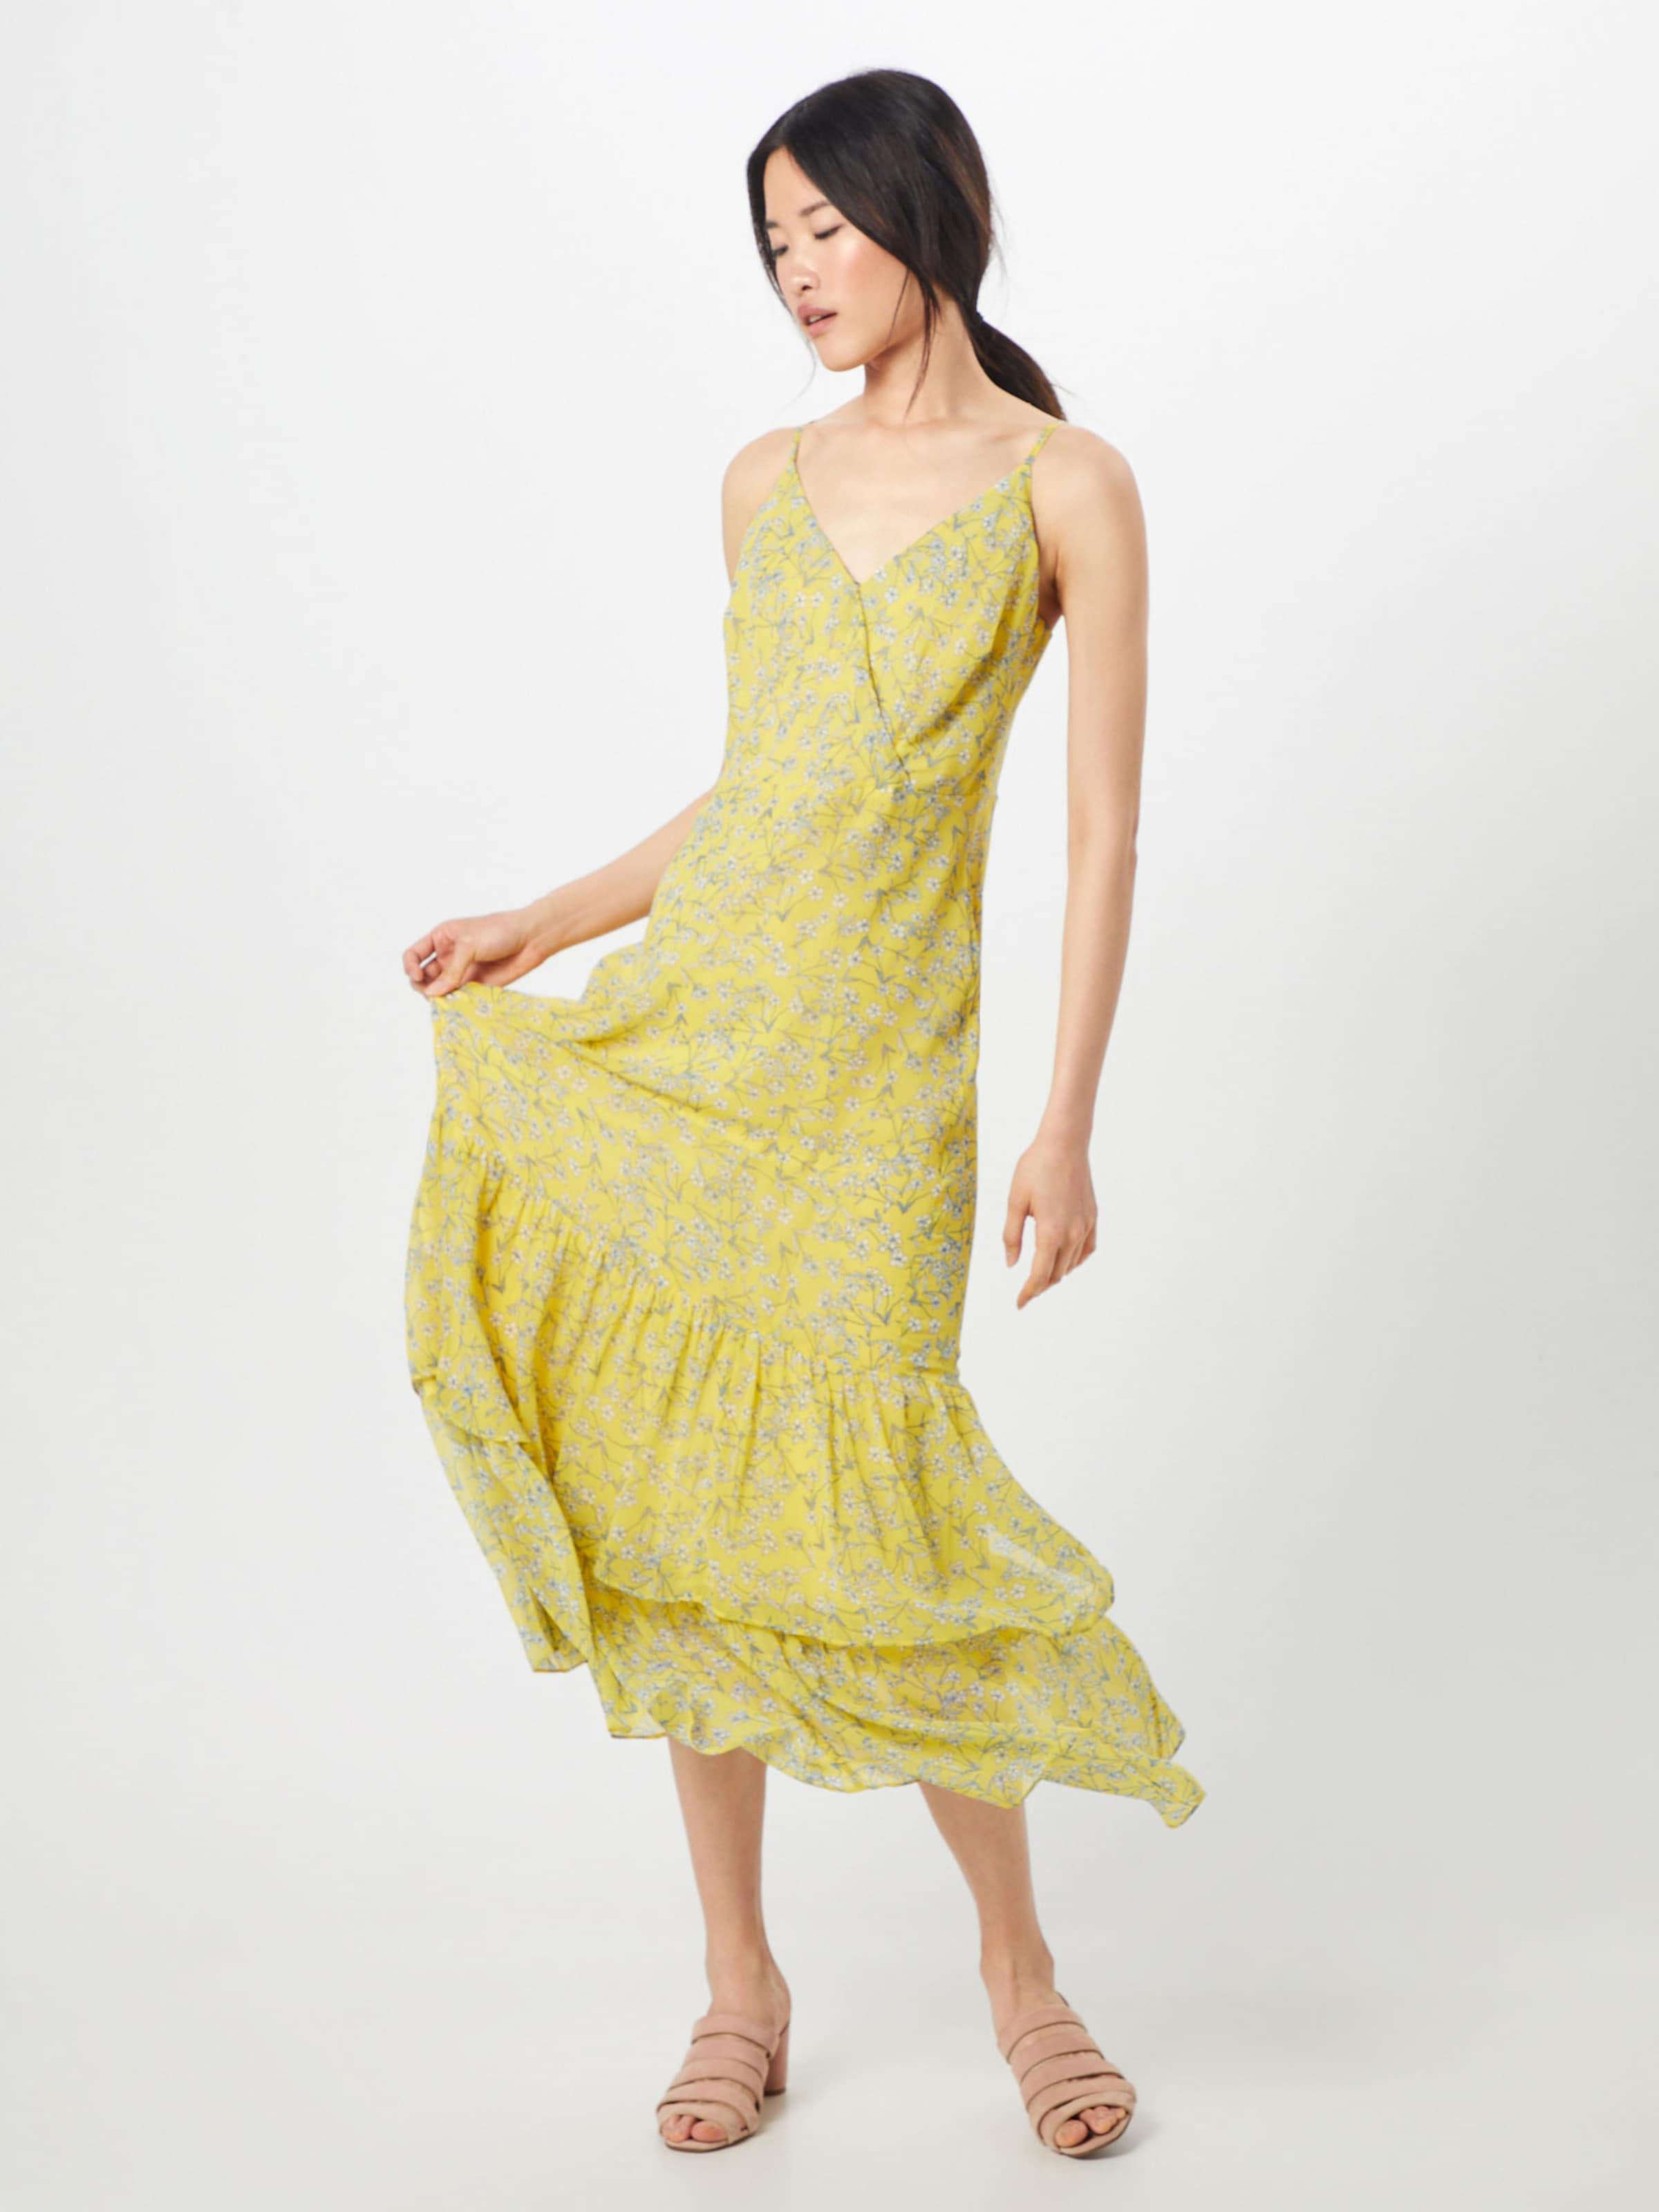 Republic 'tiered In GelbWeiß Sommerkleid Banana Maxi' Ygbf76y